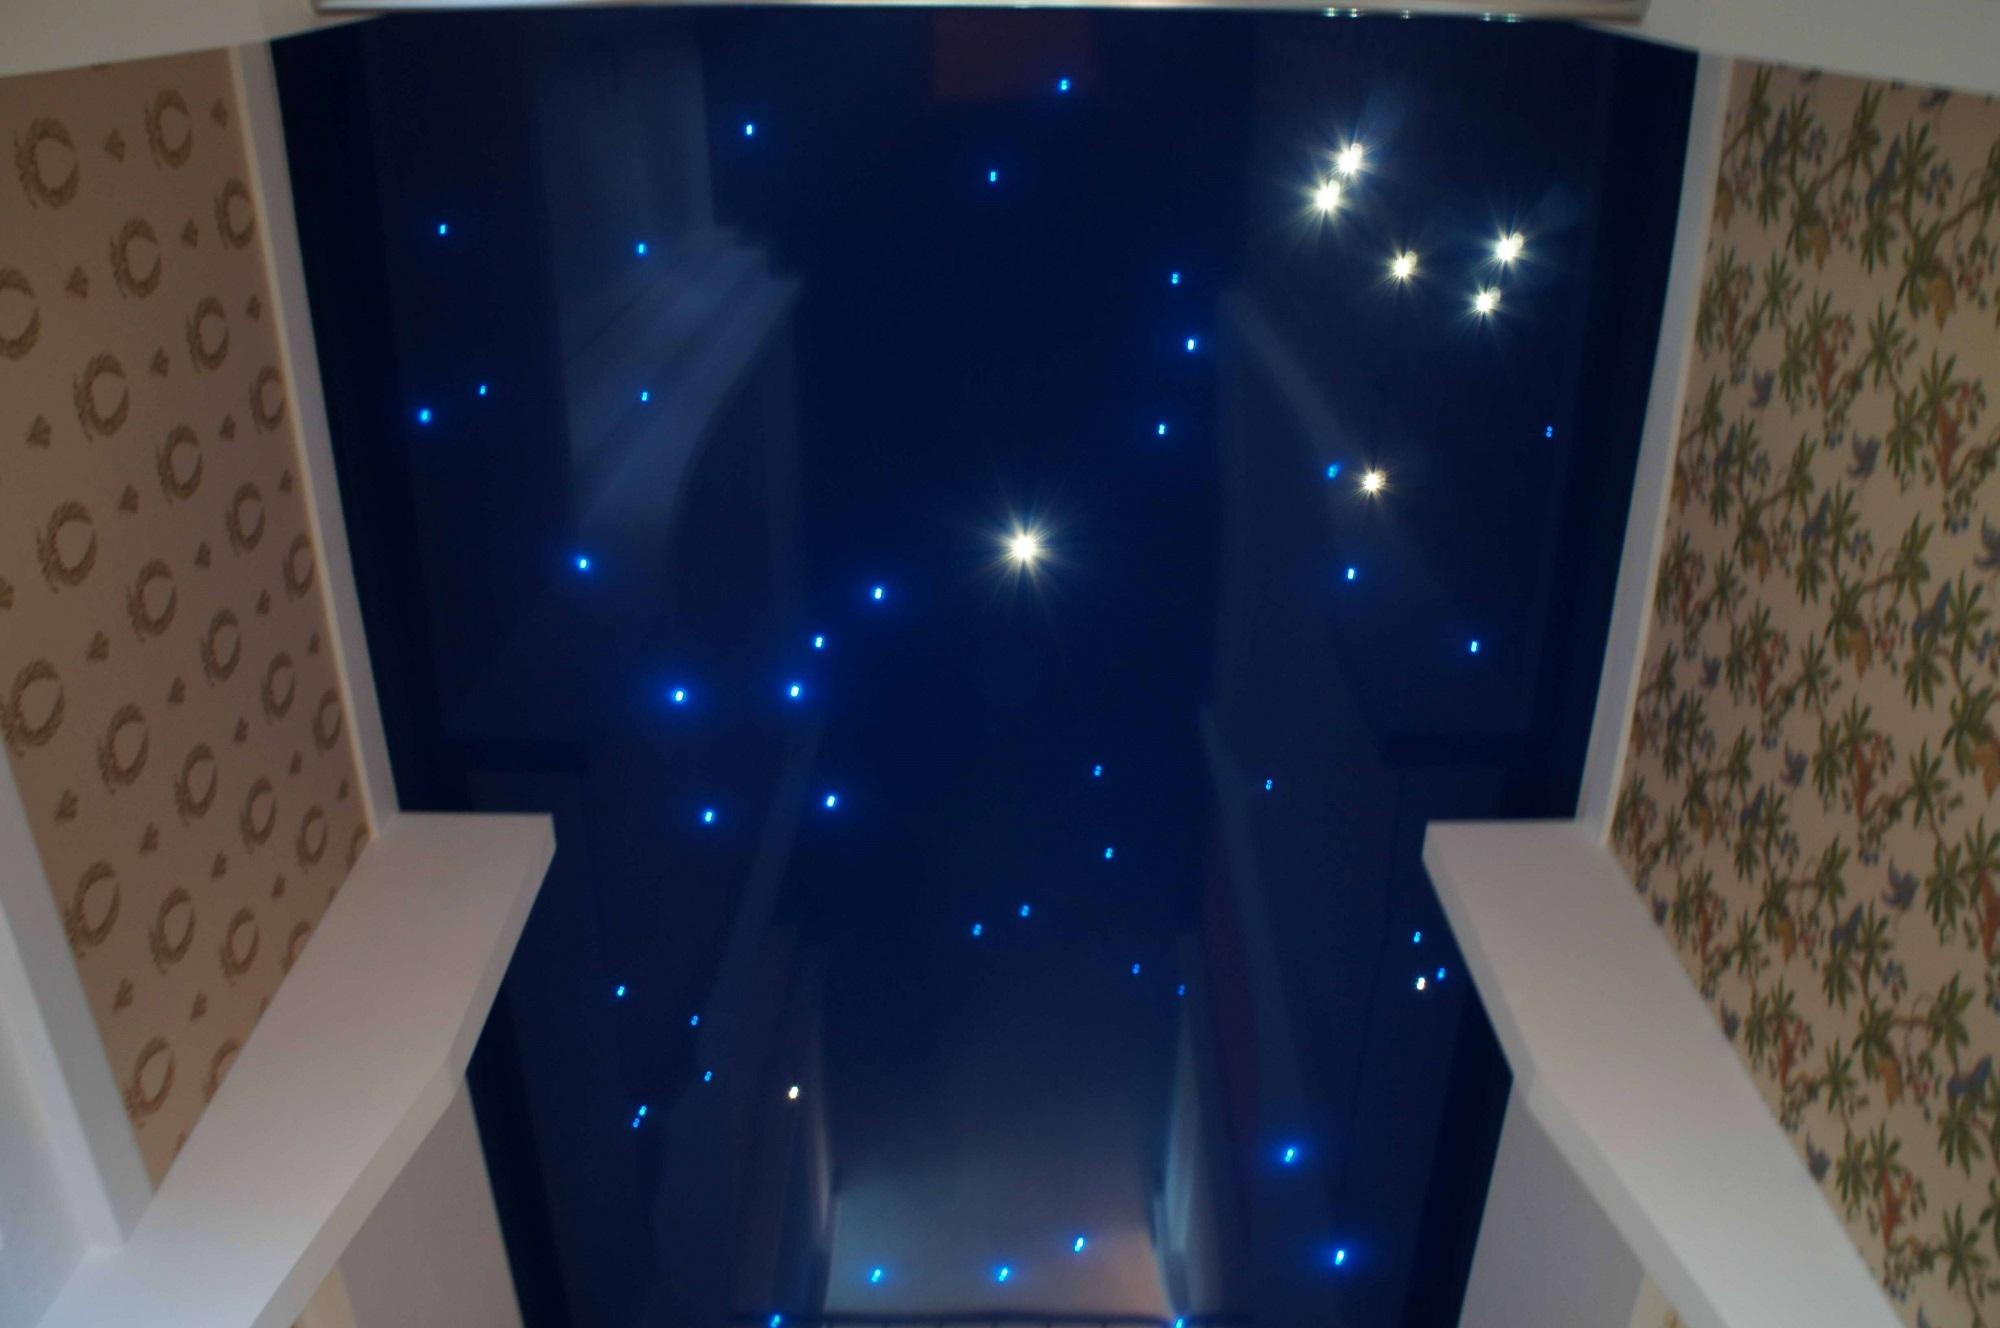 Разноплановый натяжной потолок, изменяющий свой вид в зависимости от степени освещенности комнаты. Ночное освещение